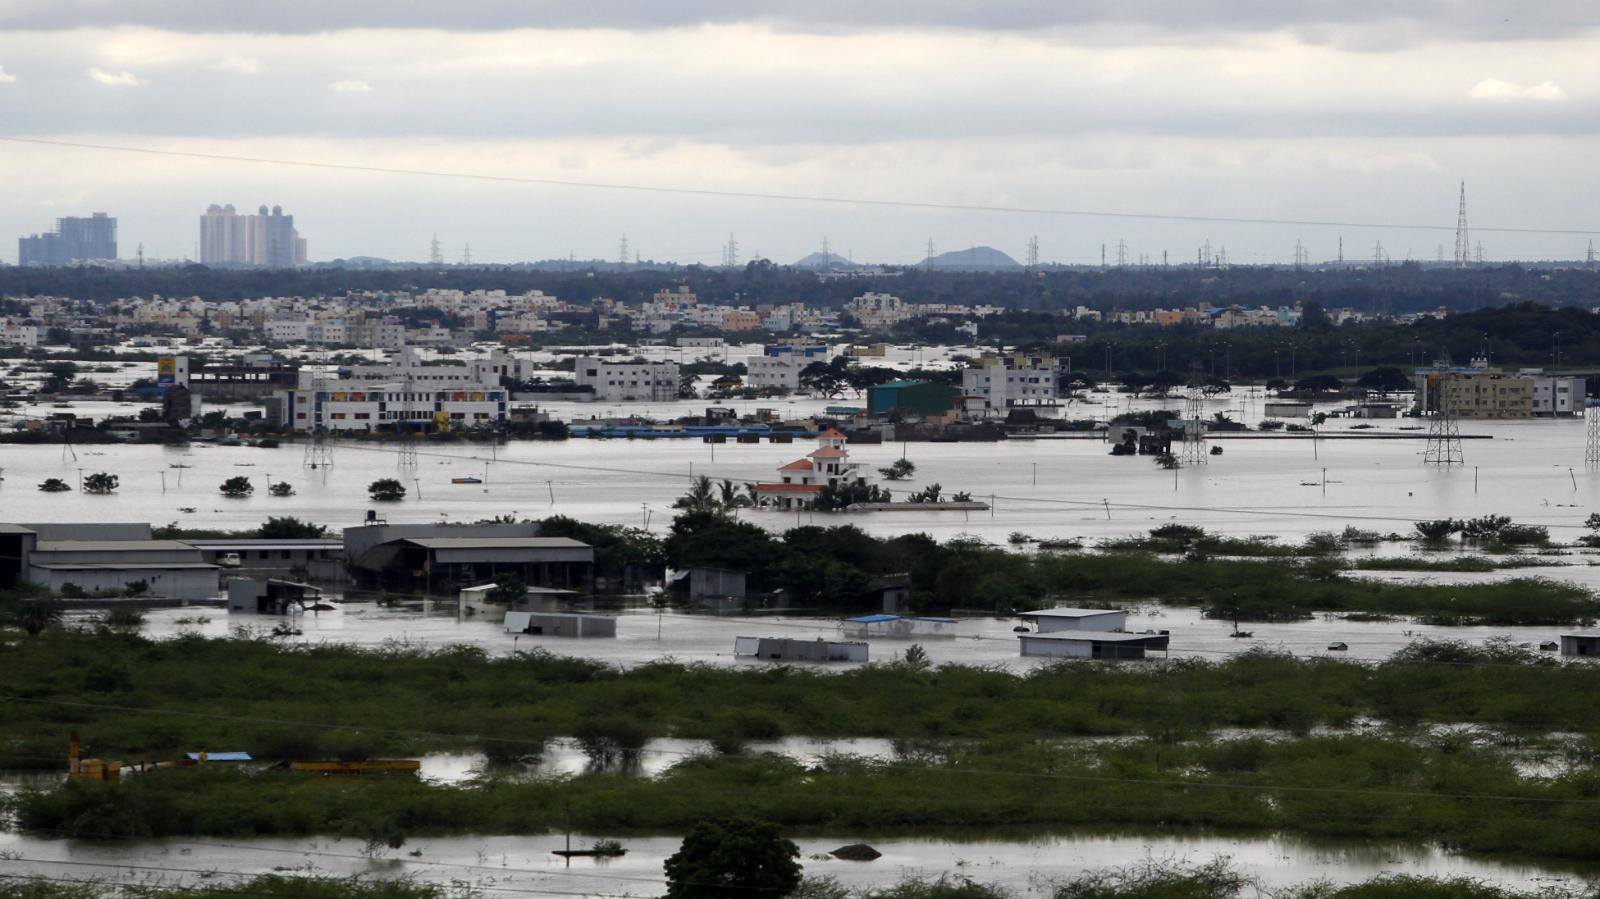 Chennai-Chennai floods-Chennai rain-Tamil Nadu